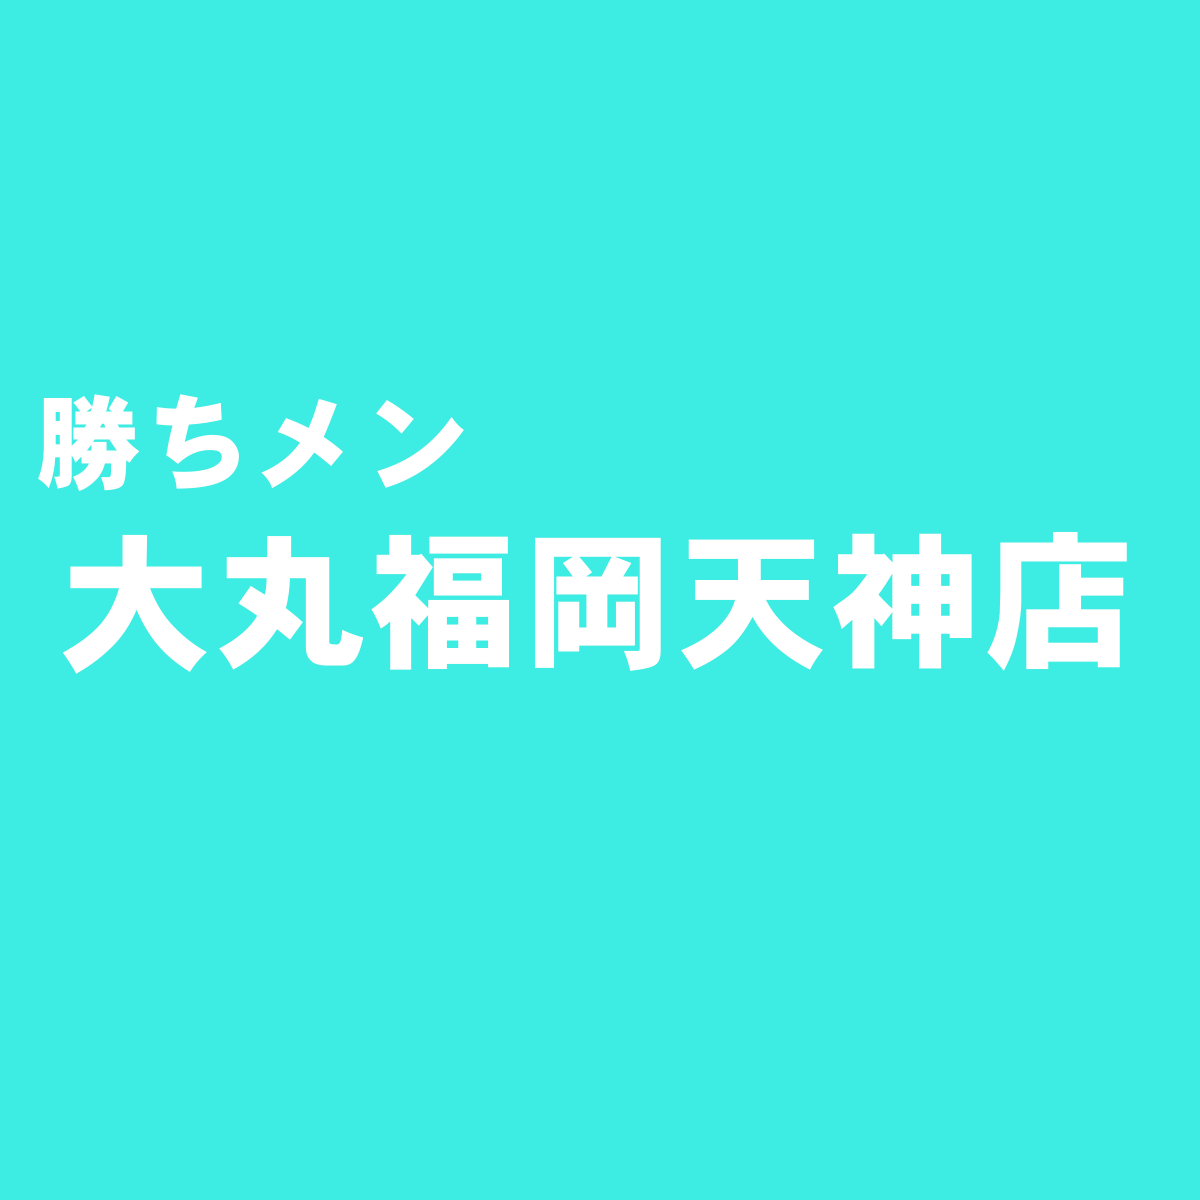 大丸福岡天神店